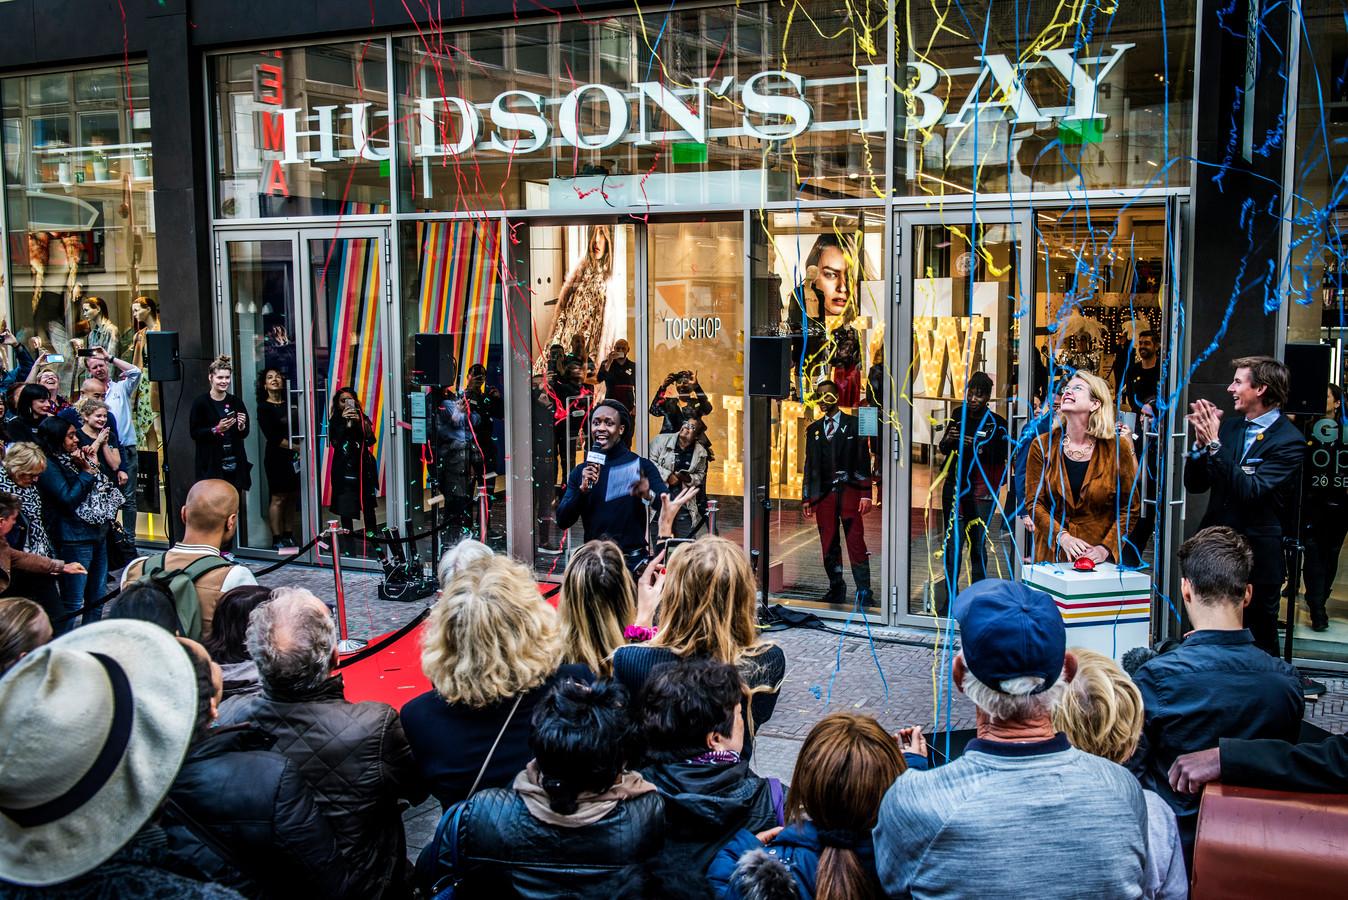 De feestelijke opening van de nieuwe warenhuizen, zoals hier in Den Haag, werd al snel overschaduwd door negatieve berichten.